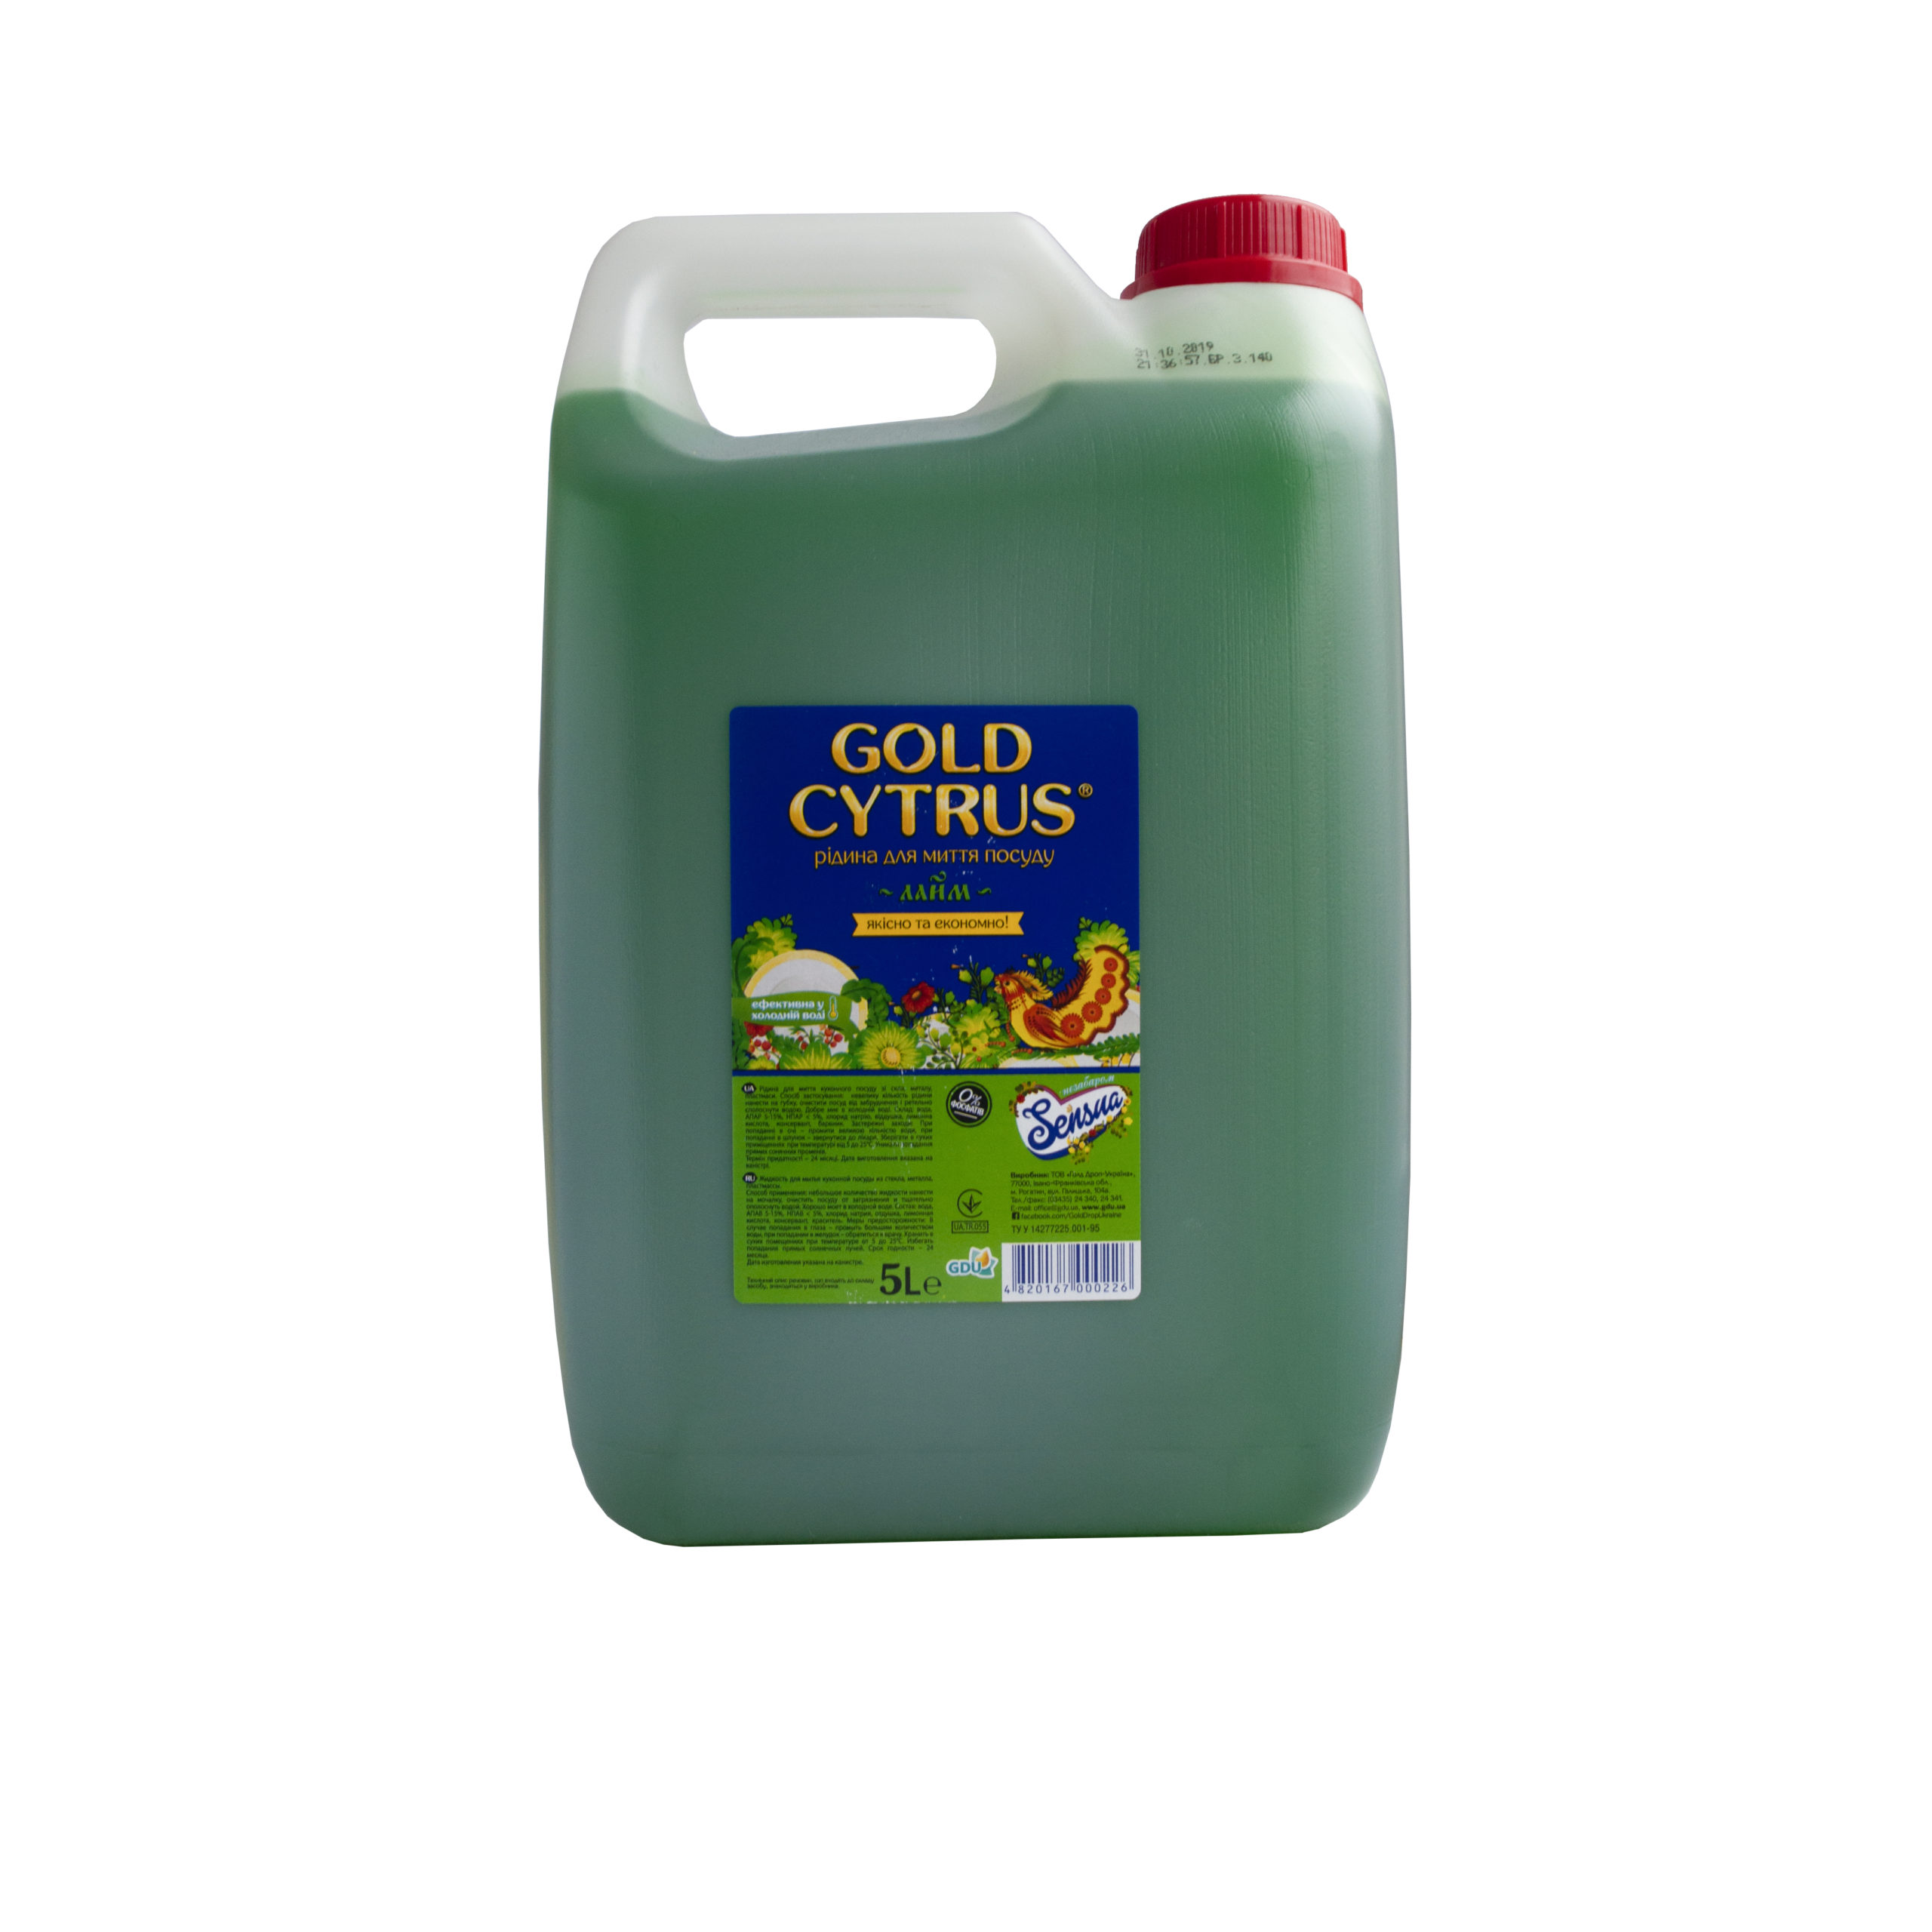 Gold Cytrus 5л зелений рідина для миття посуди